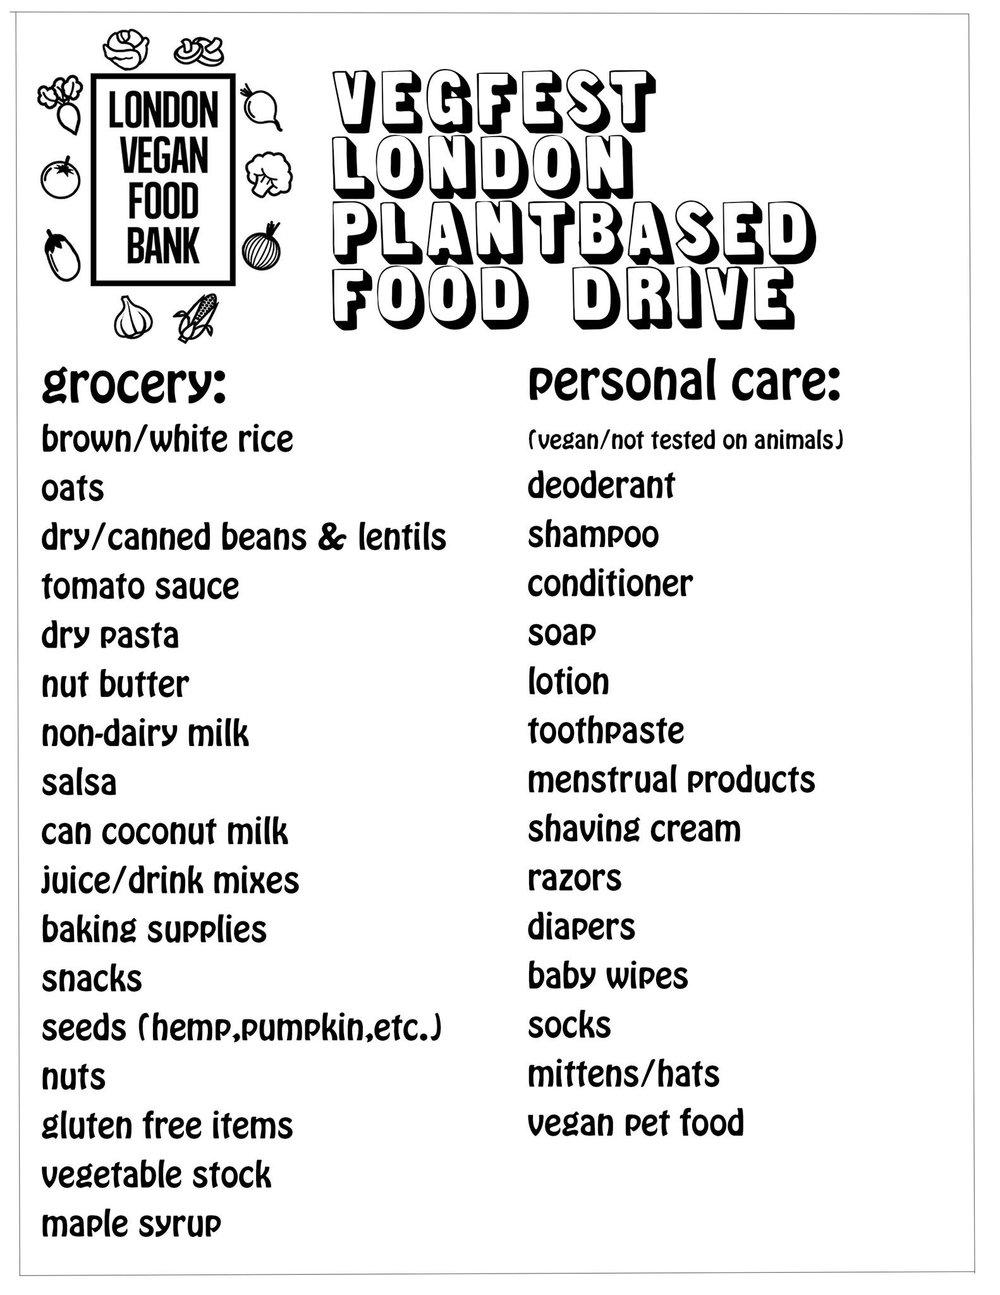 vegan food bank.jpg